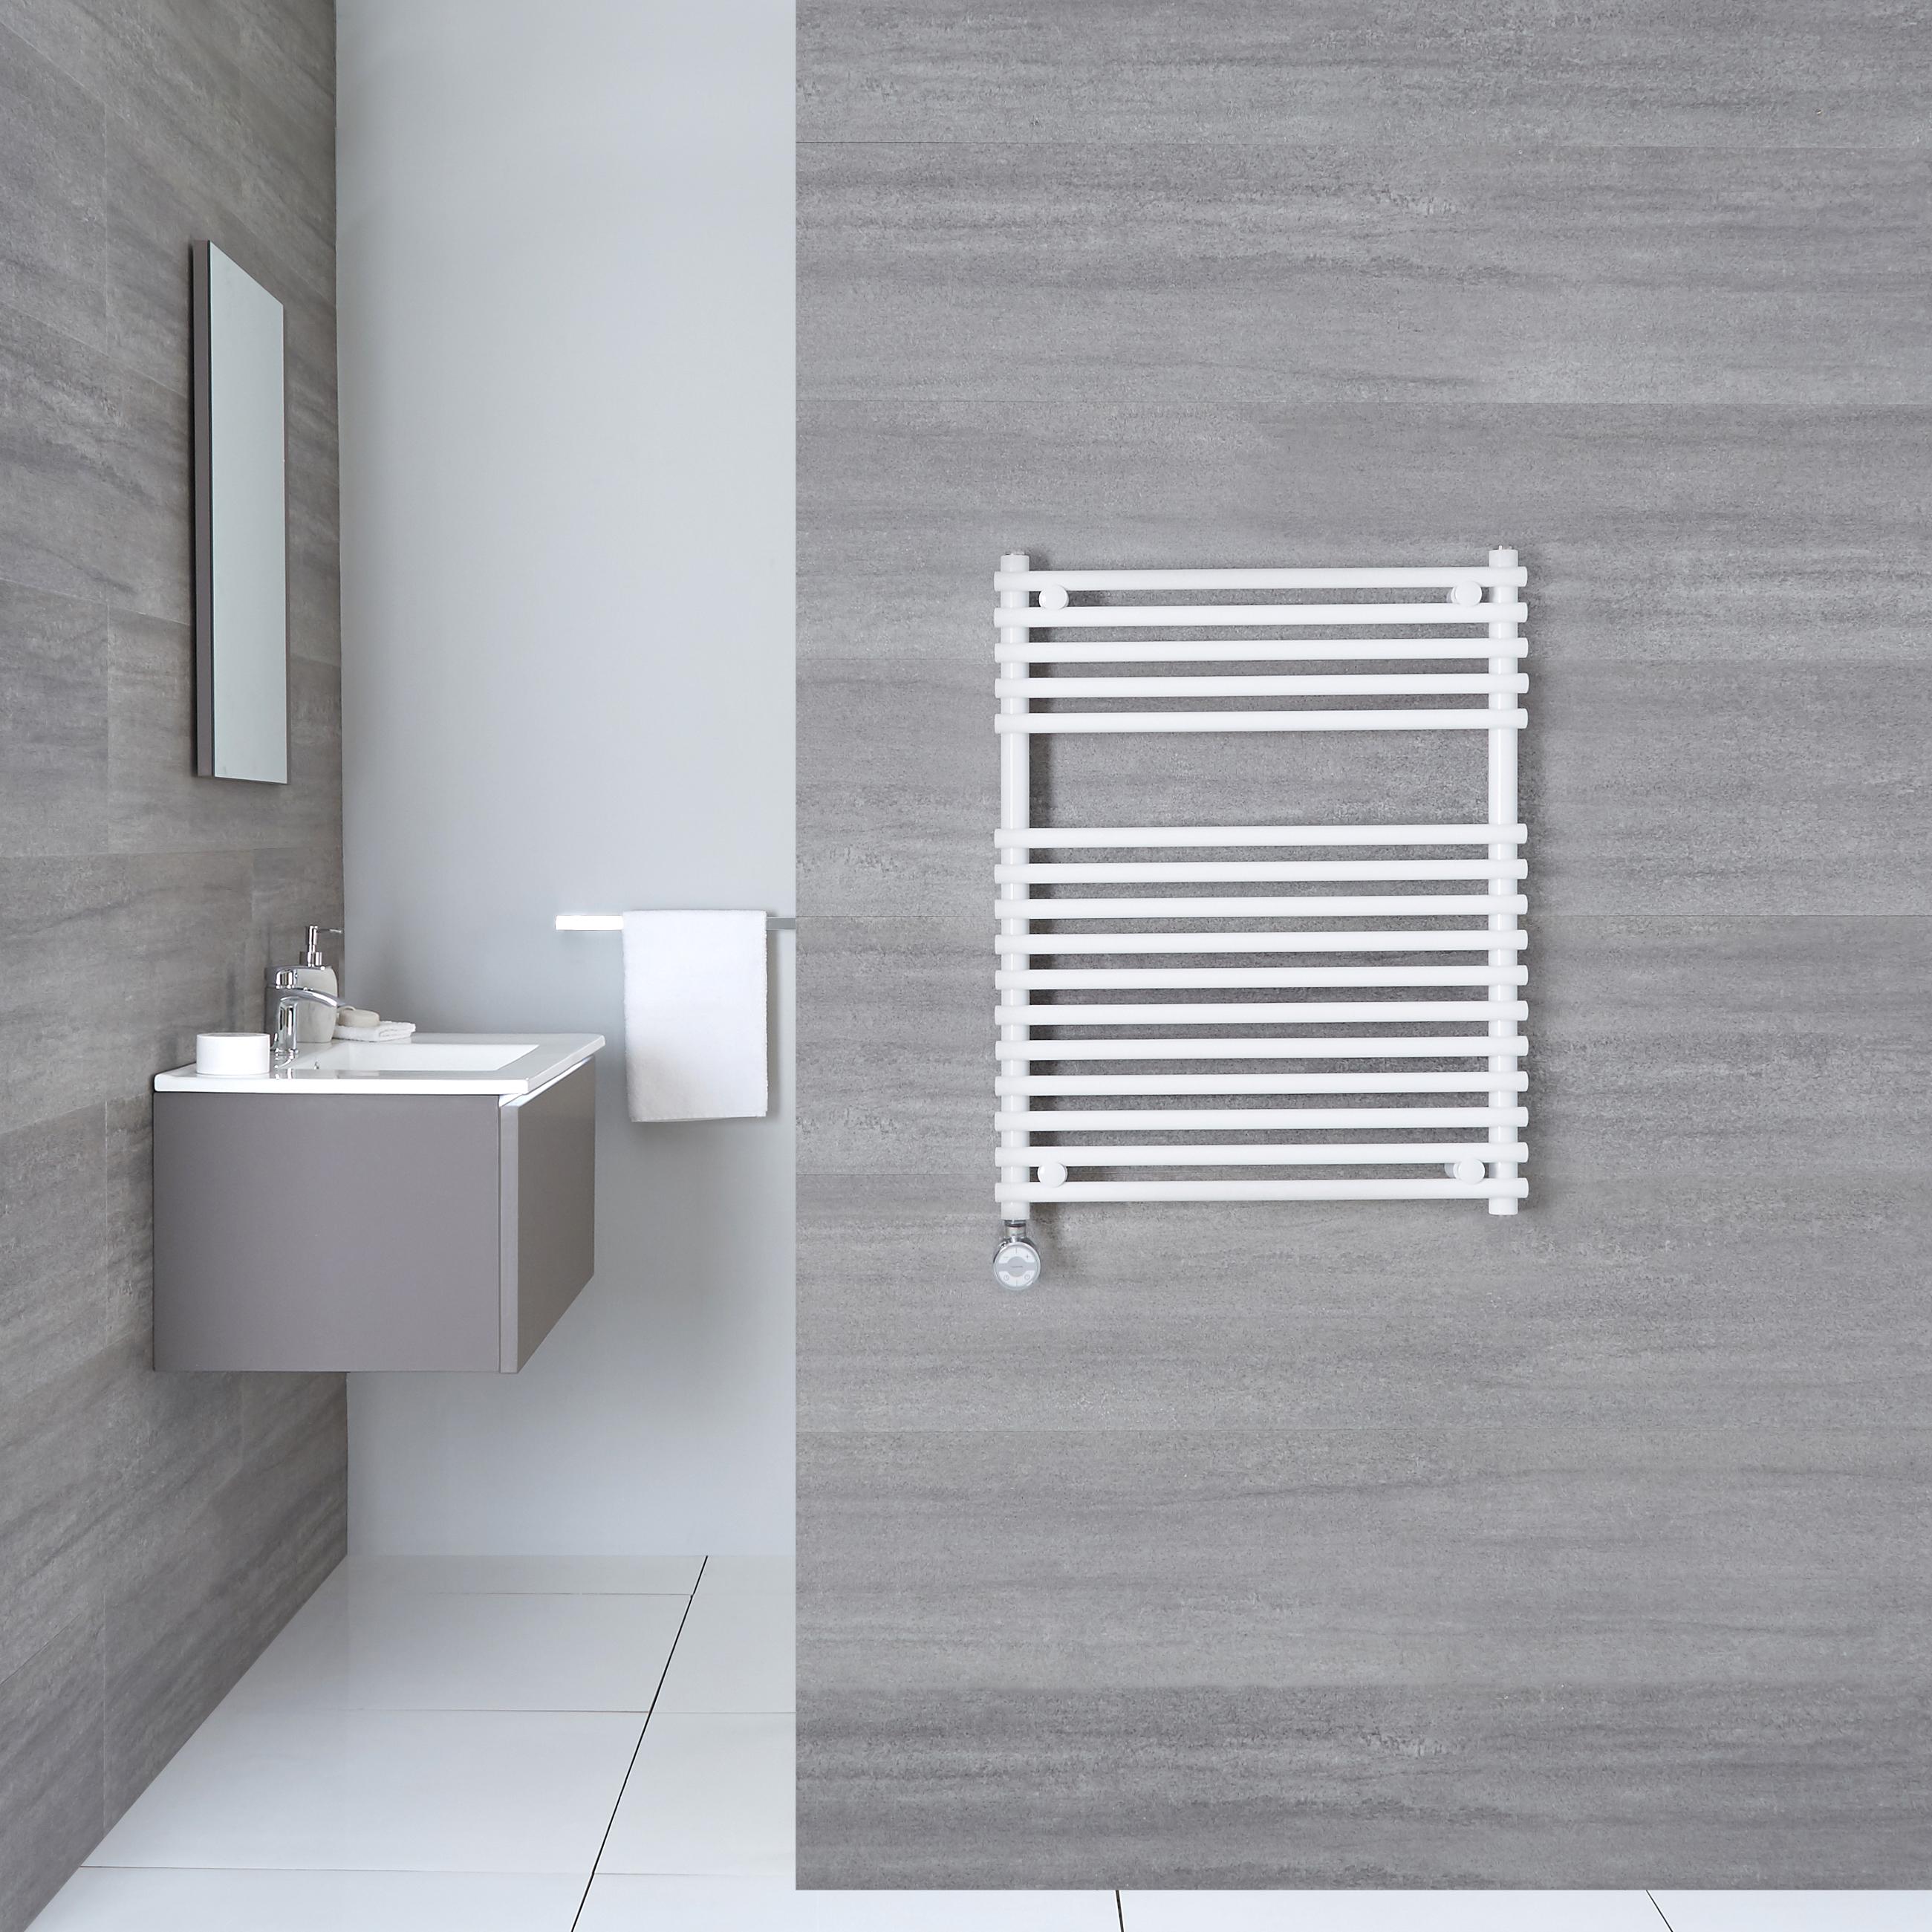 Elektrischer Handtuchheizkörper Weiß 750mm x 600mm inkl. ein 400W Heizelement - Etna